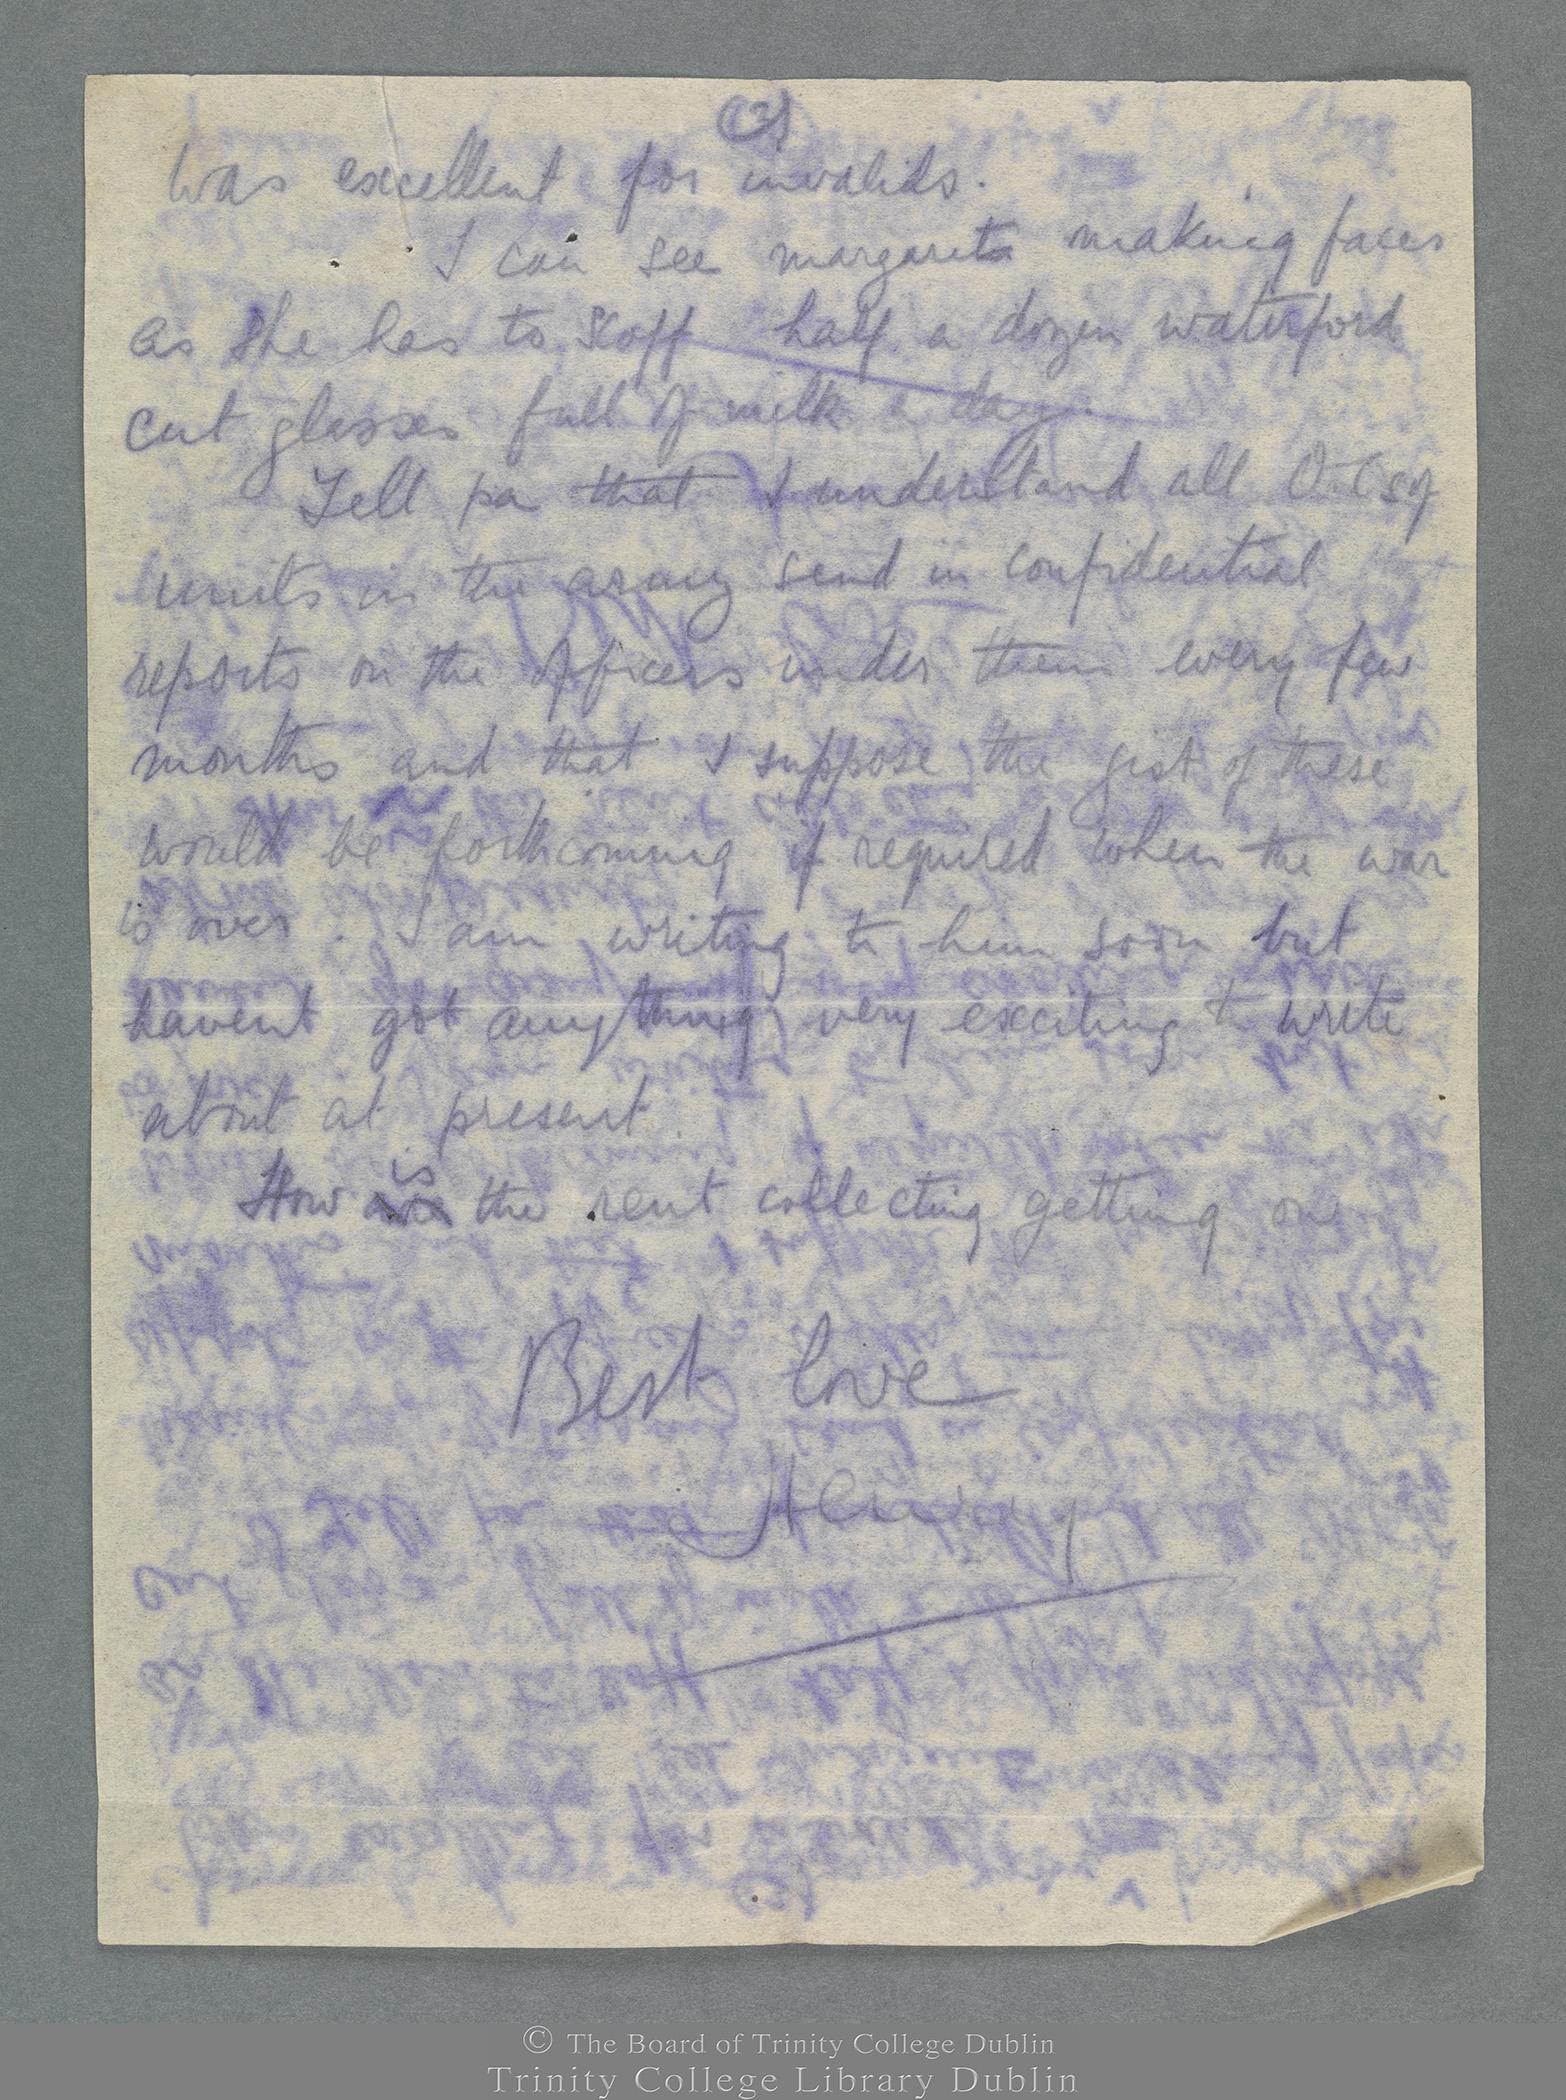 TCD MS 11290/12 folio 2 verso